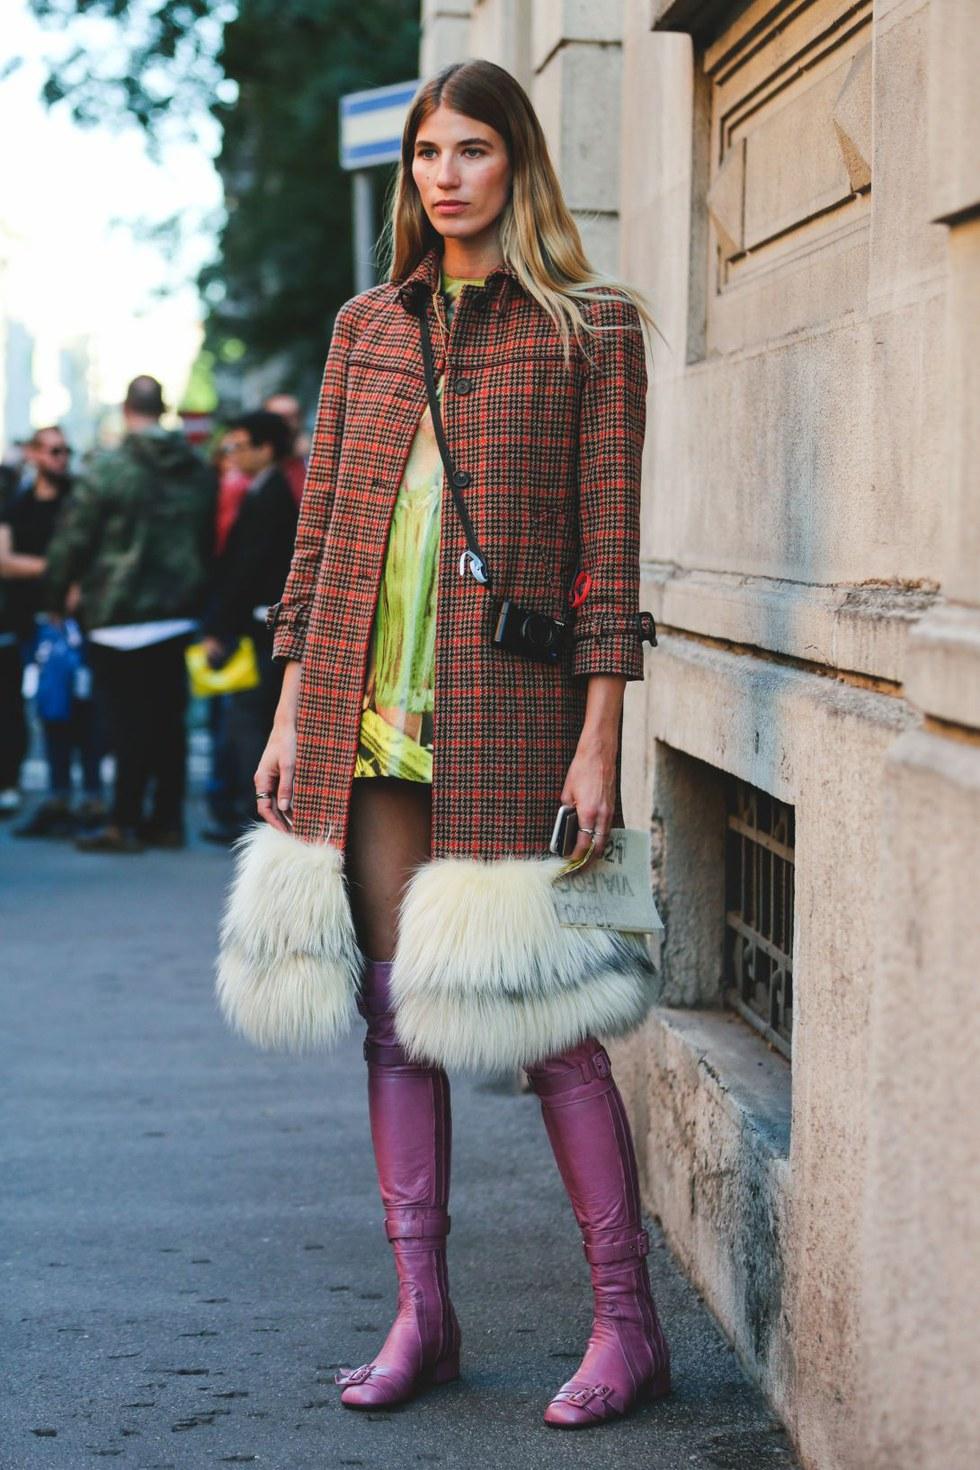 Paris Regular People Fashion  Summer